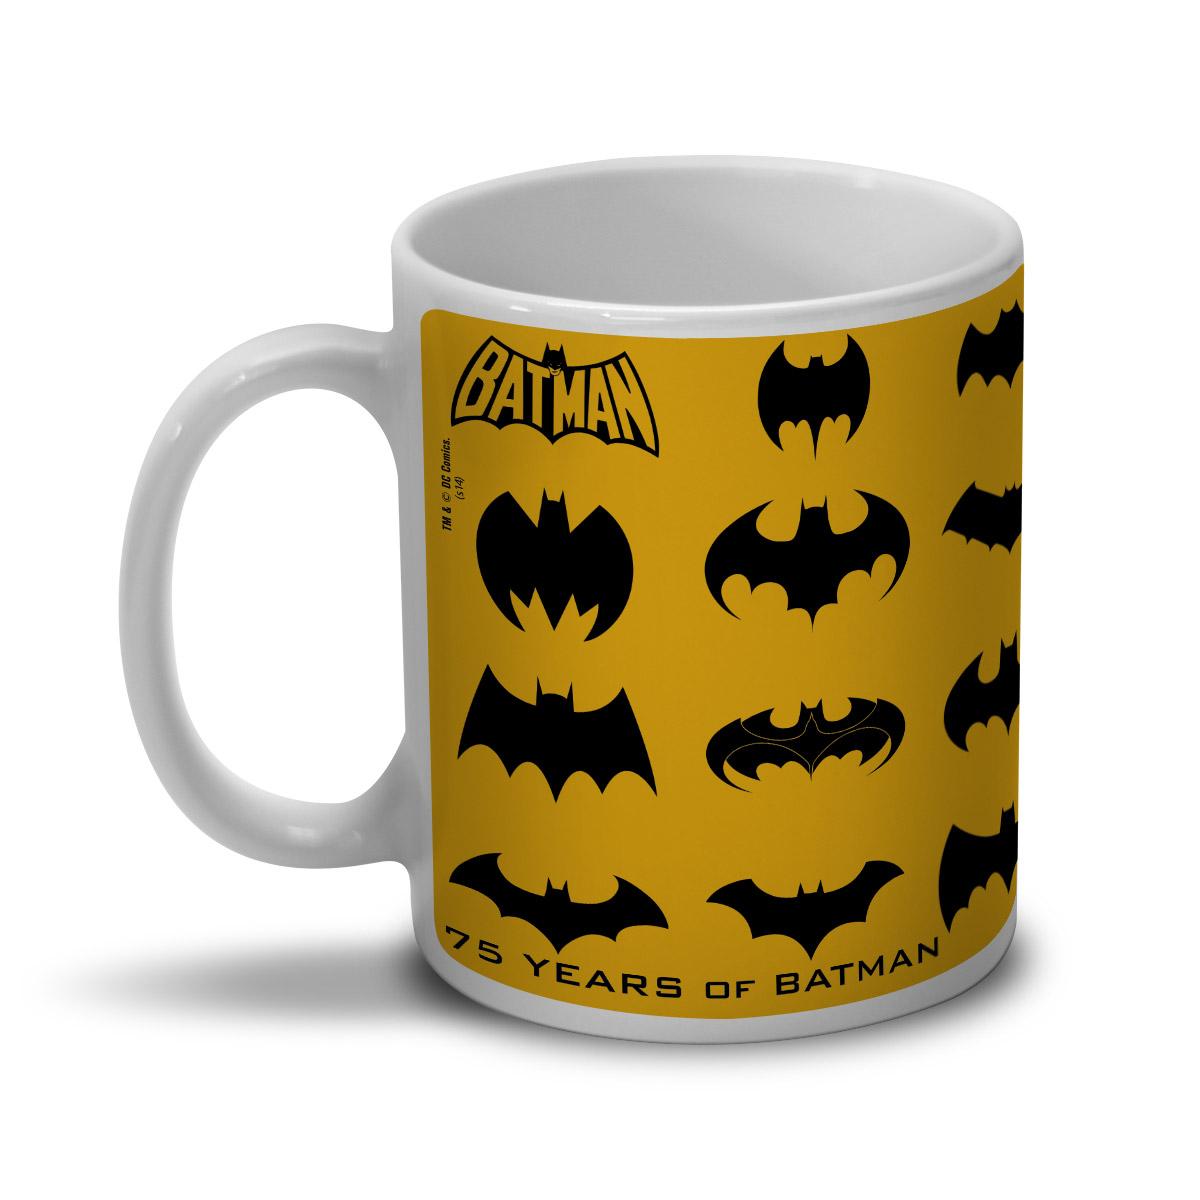 Caneca Batman 75 Anos Logo Collection